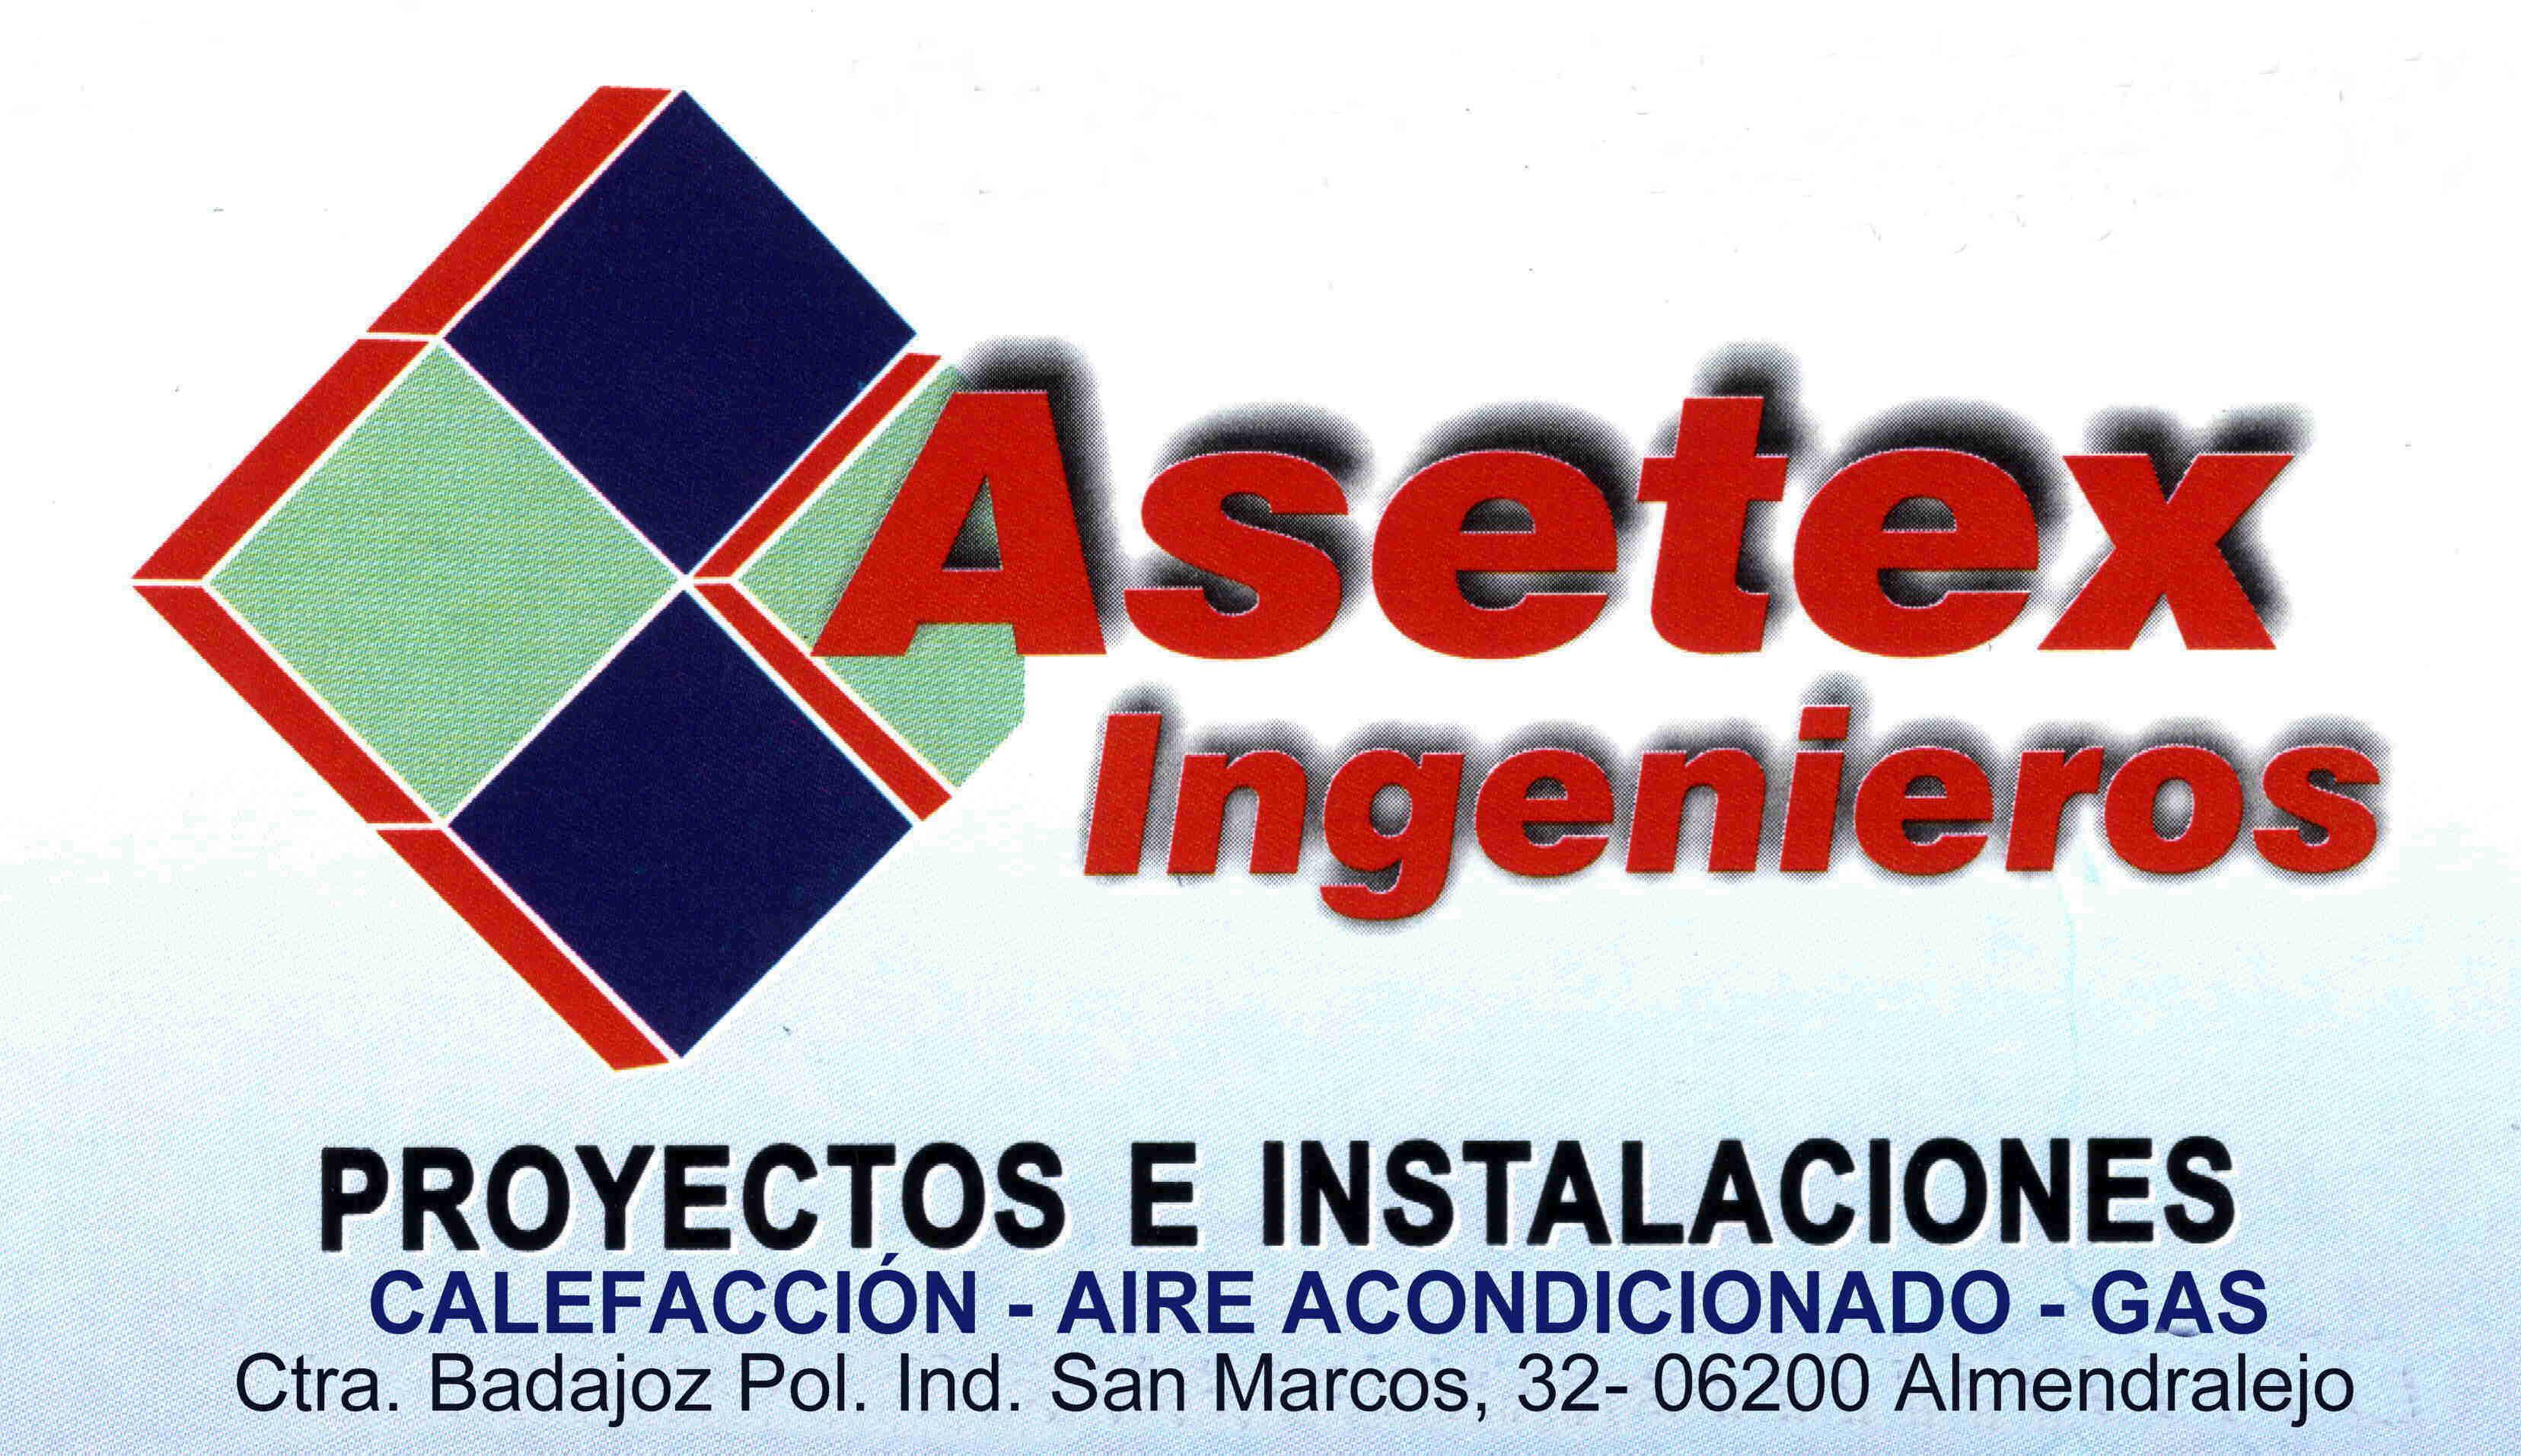 Asetex Ingenieros, S.l.